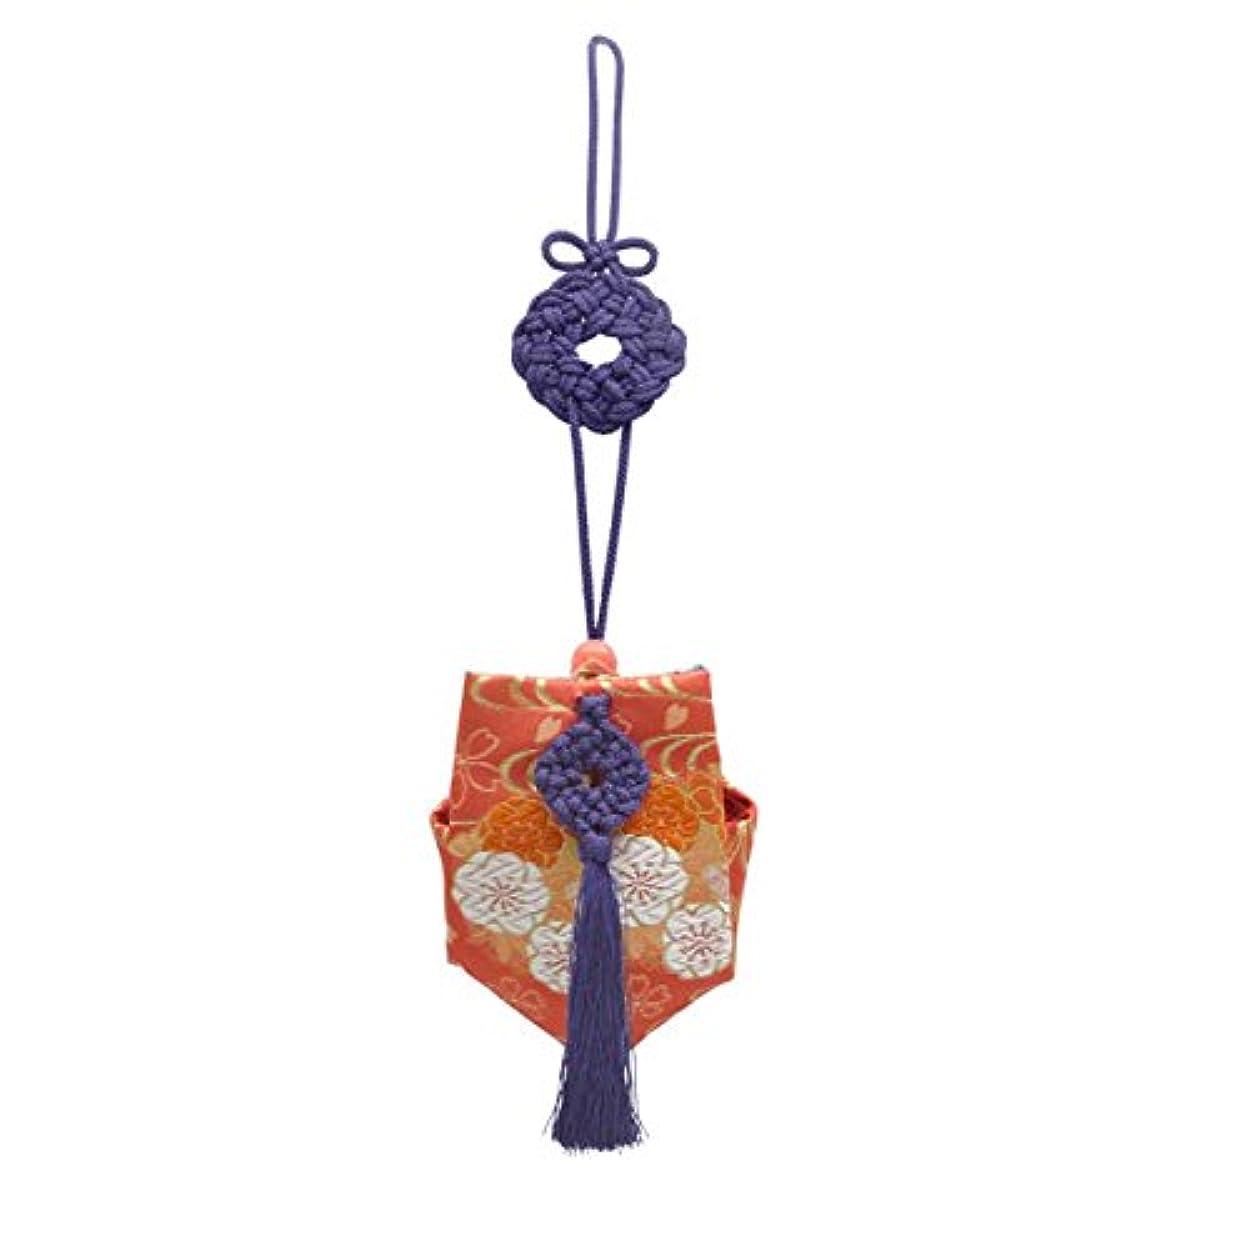 語武器反響する訶梨勒 上品 紙箱入 紫紐/花紋